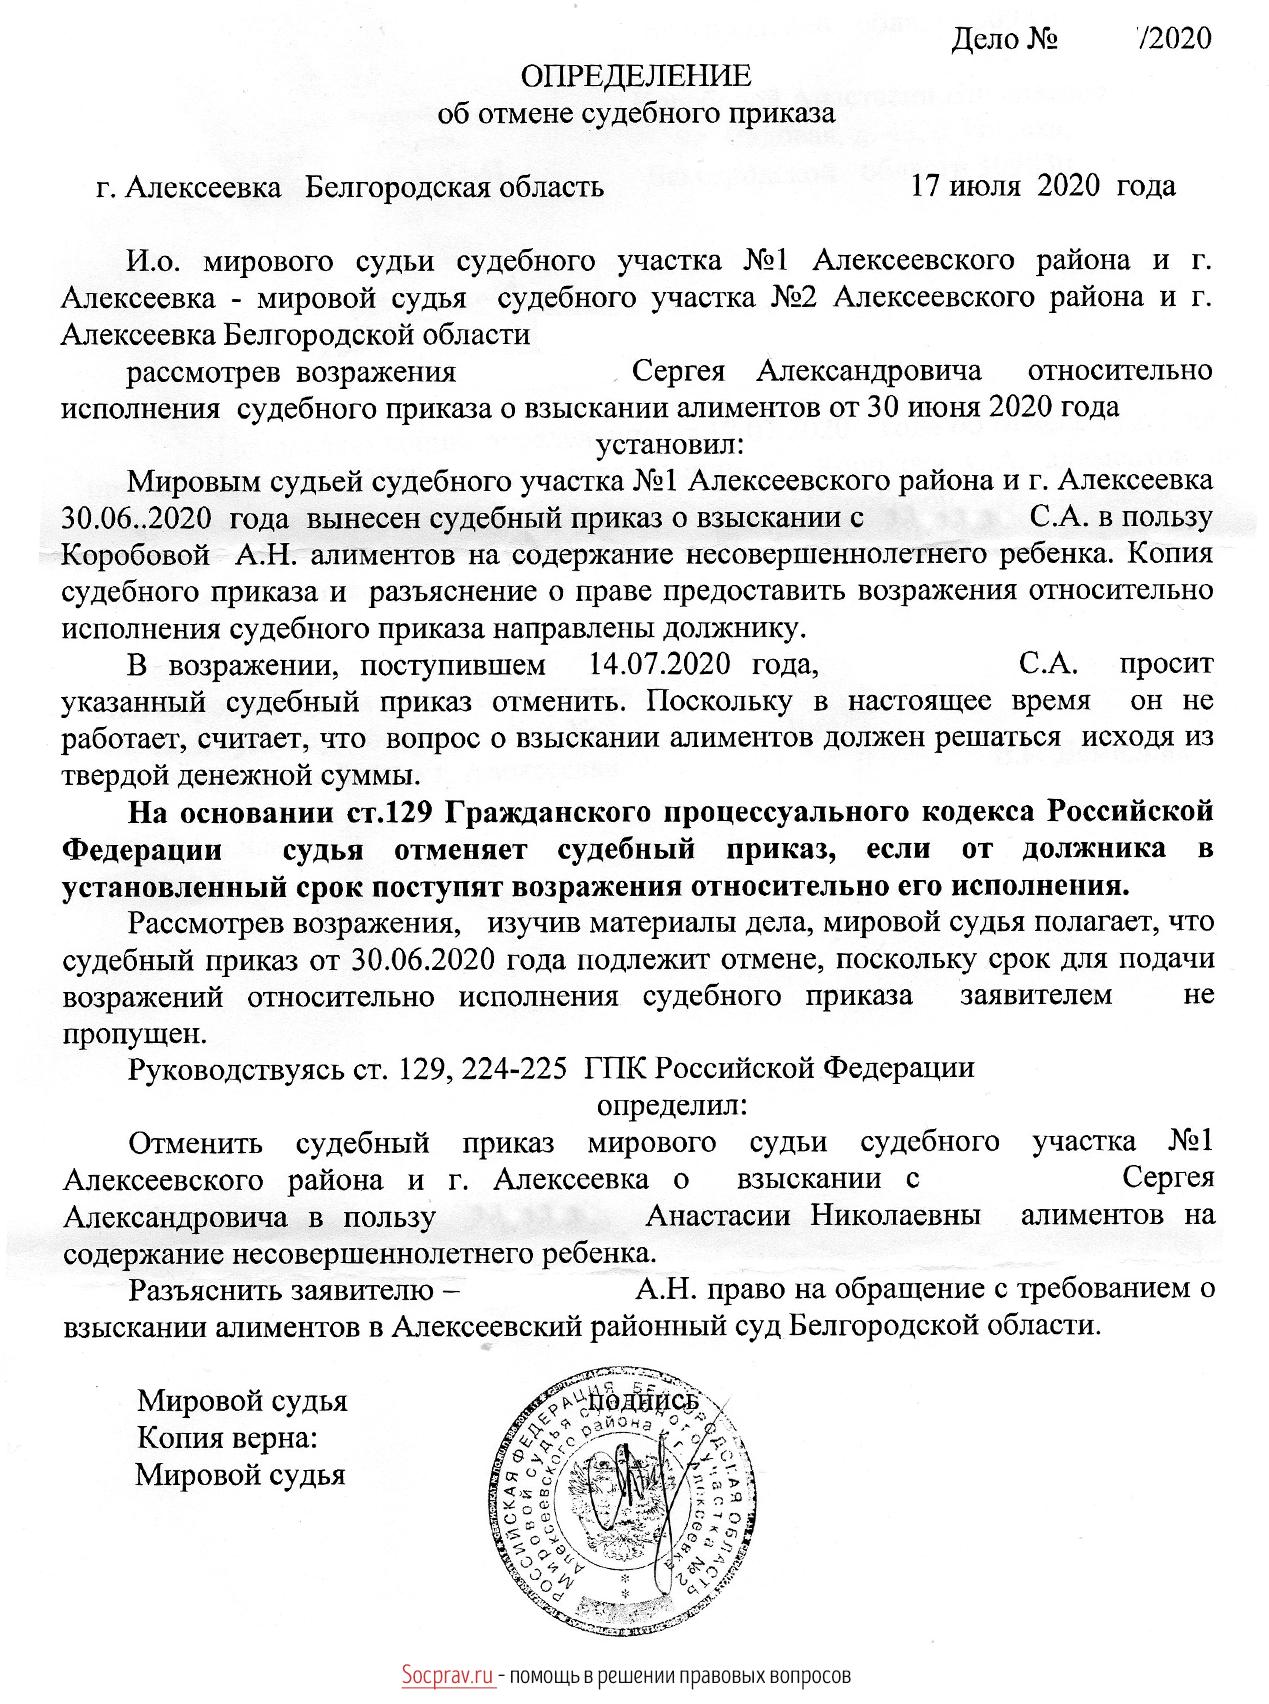 Образец определения об отмене судебного приказа по алиментам